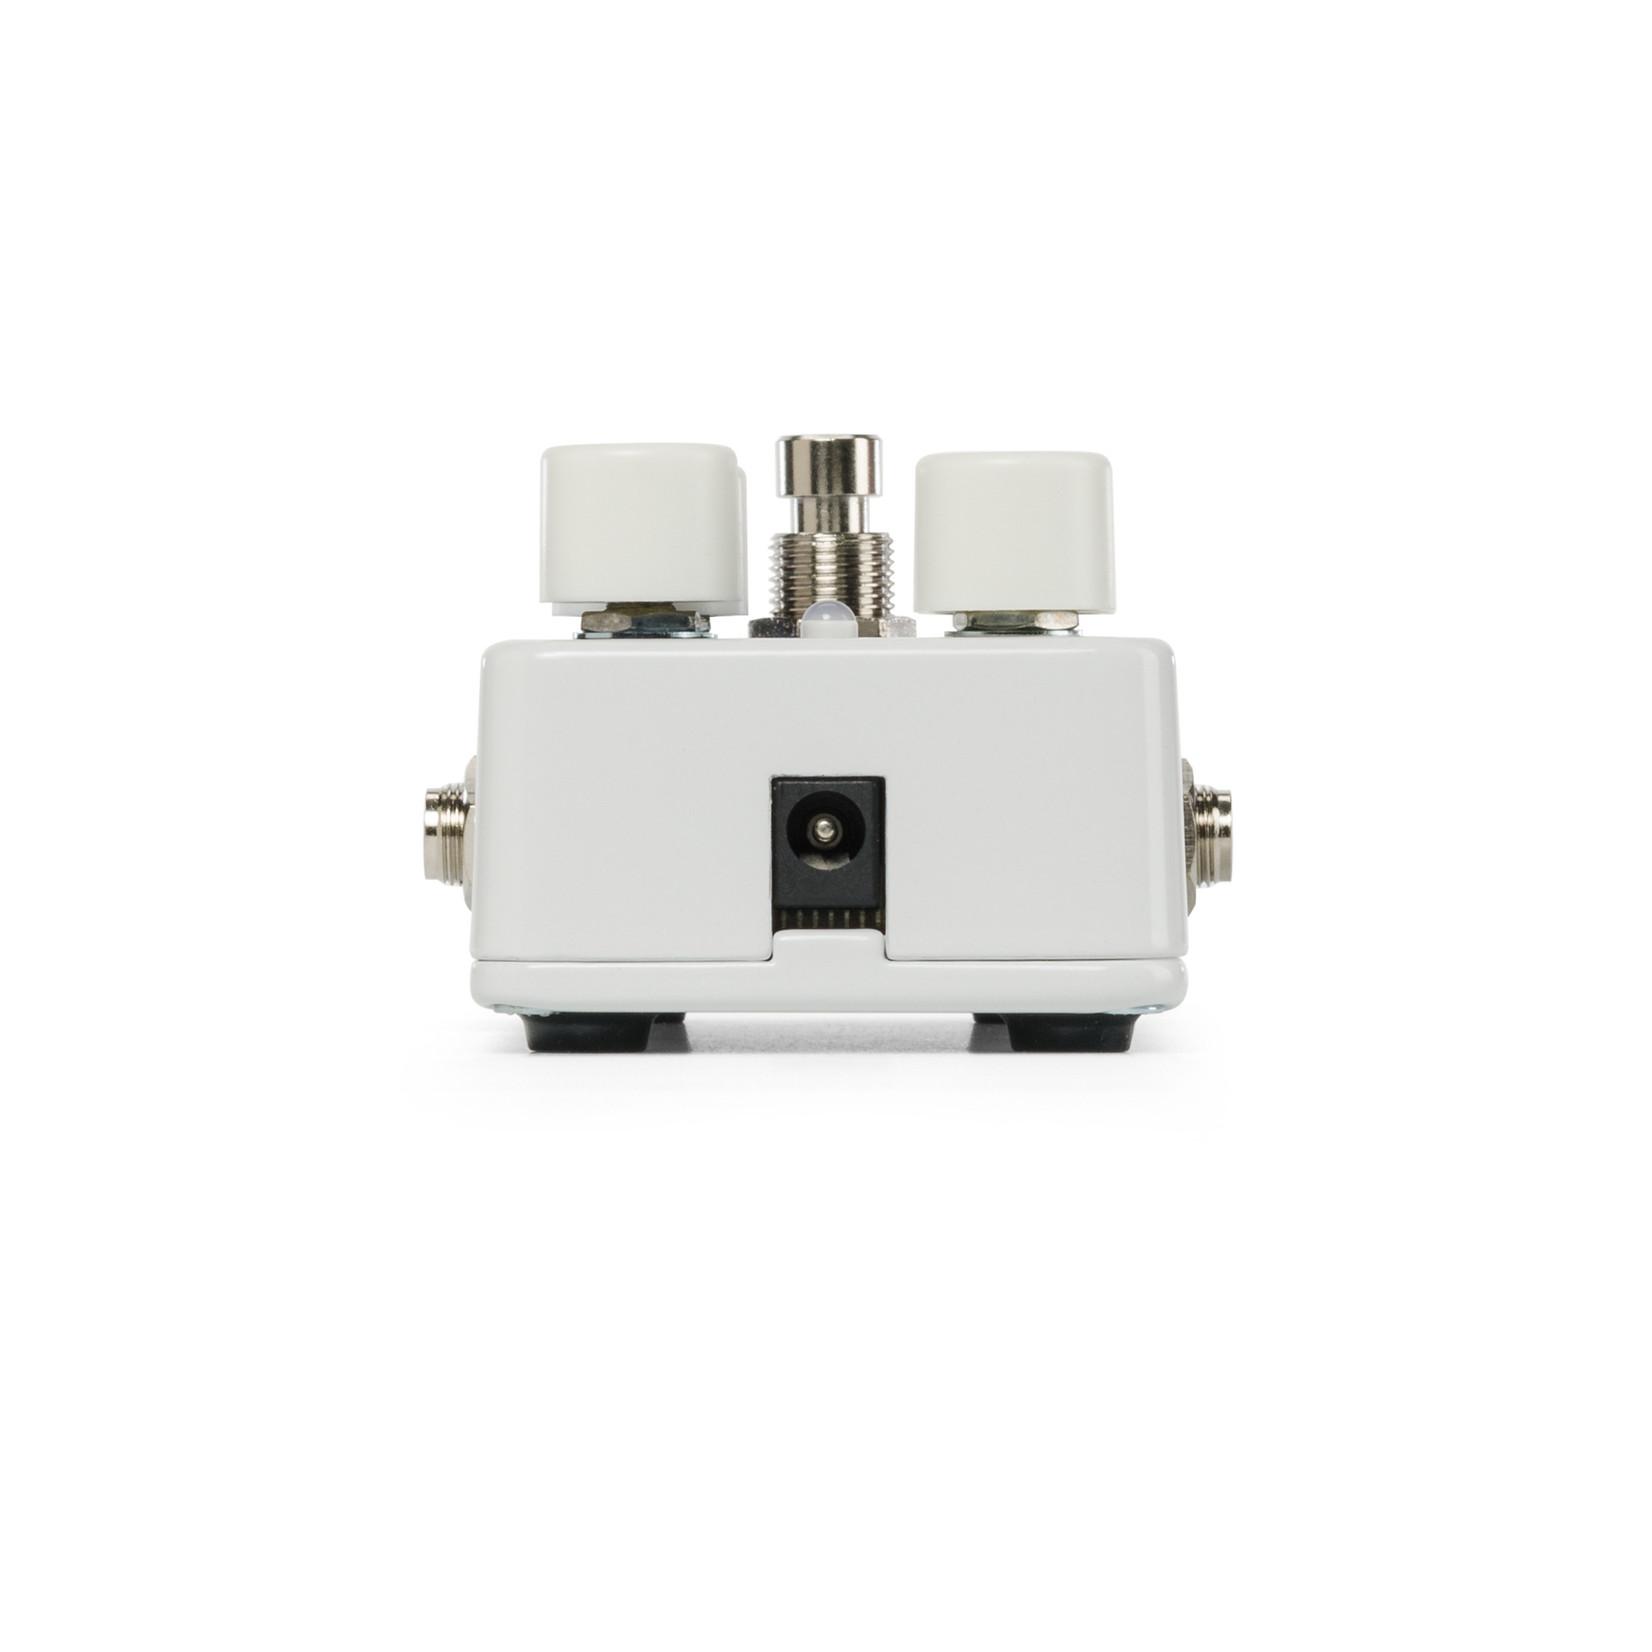 Electro Harmonix Electro Harmonix MOD 11 Modulation Pedal